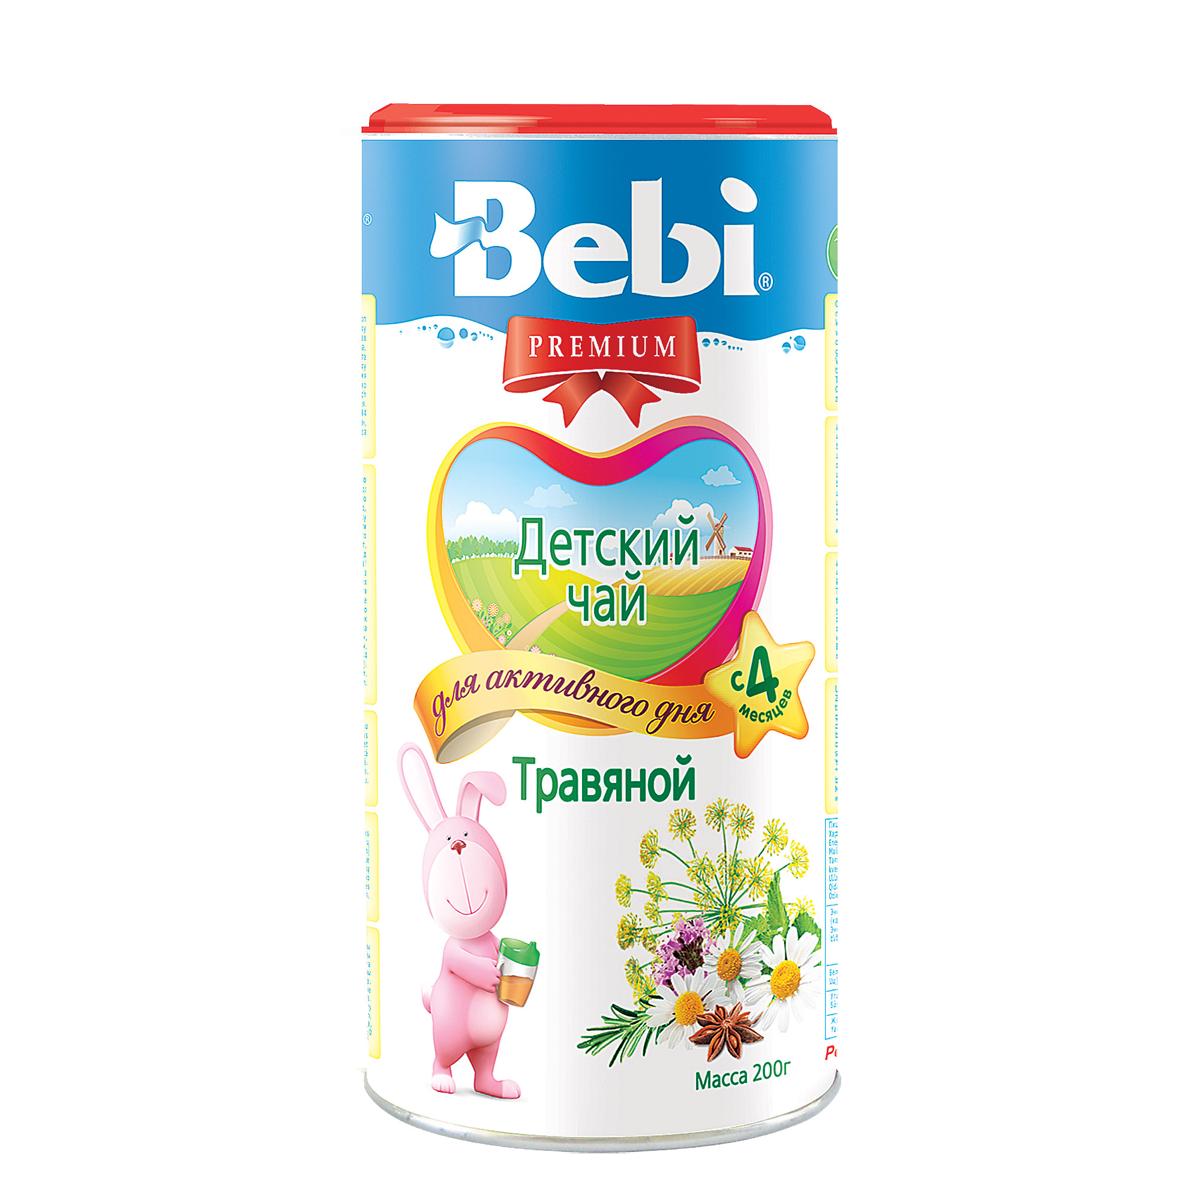 Чай детский Bebi Premium инстантный 200 гр Травяной (с 6 мес)<br>